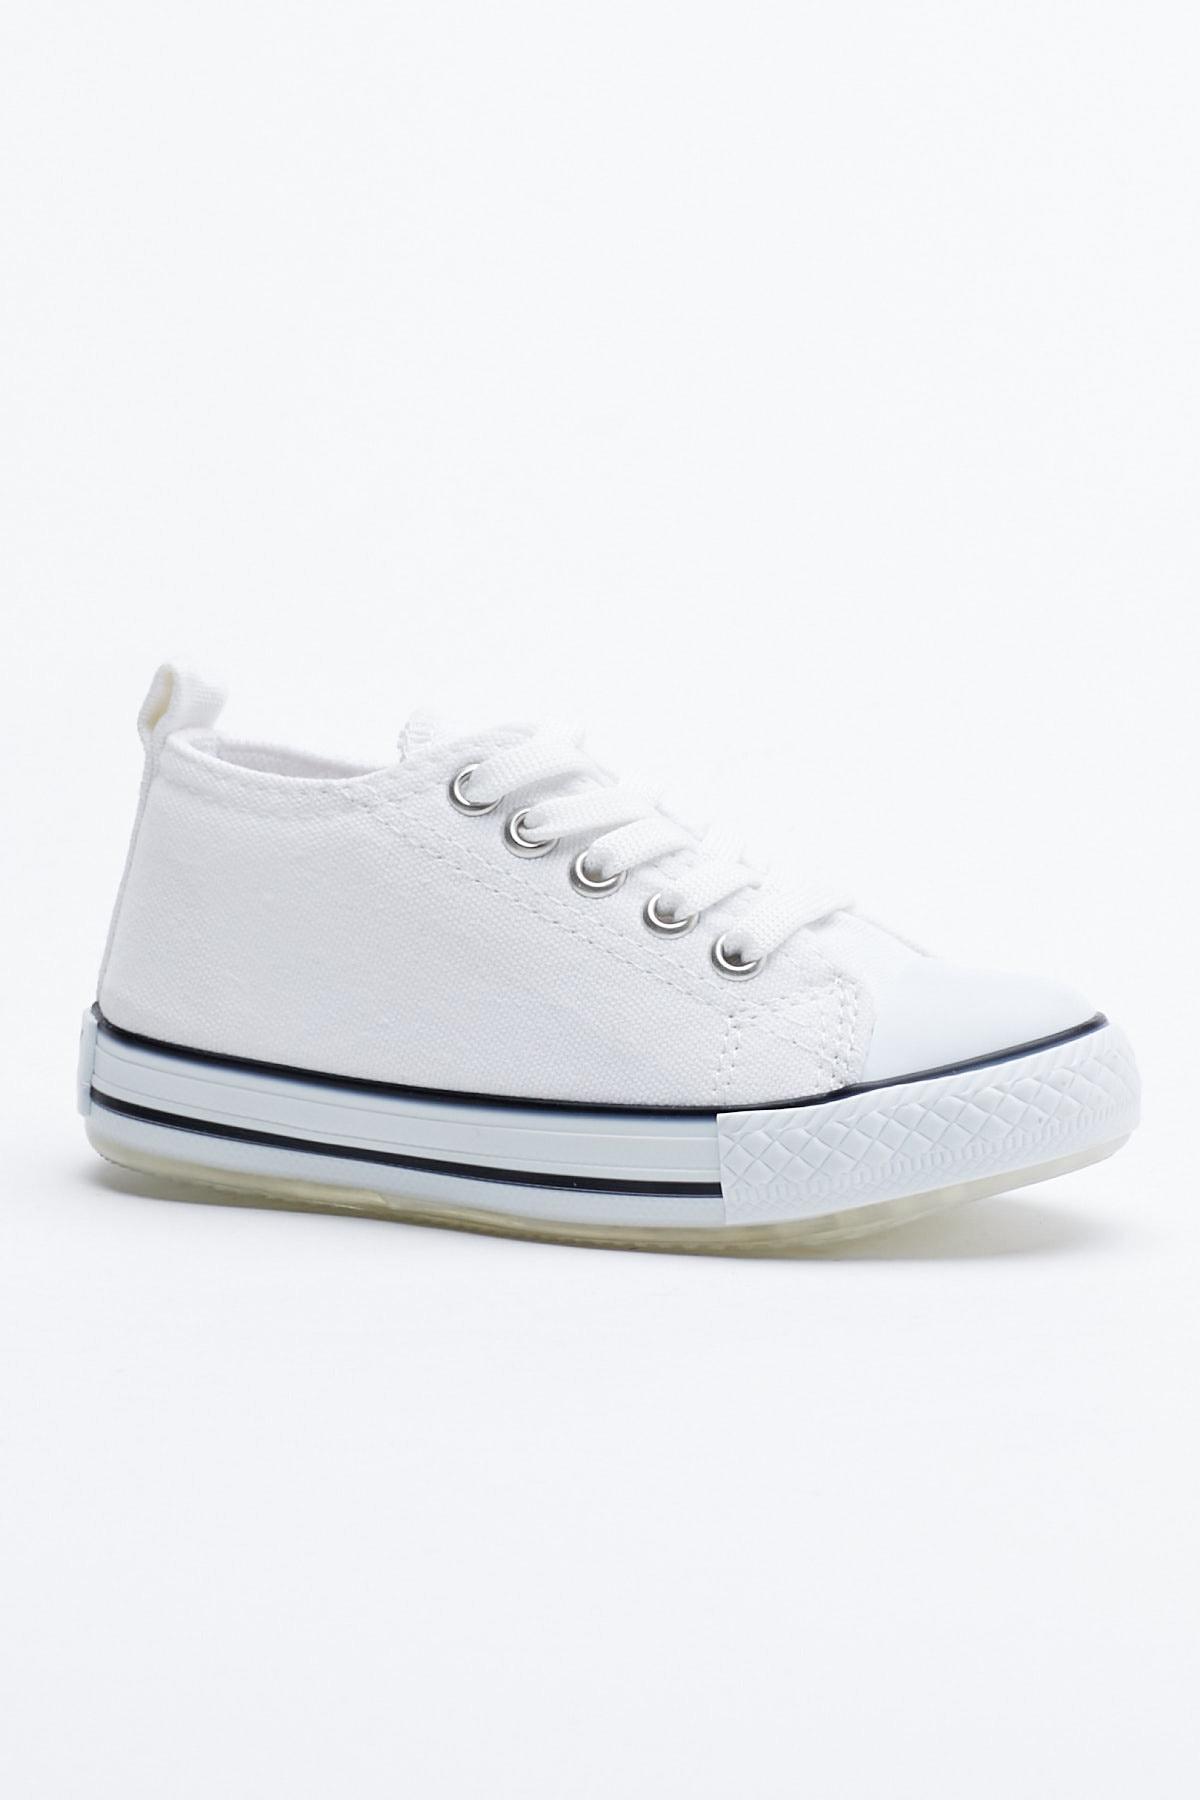 Tonny Black Beyaz Çocuk Spor Ayakkabı Tb998